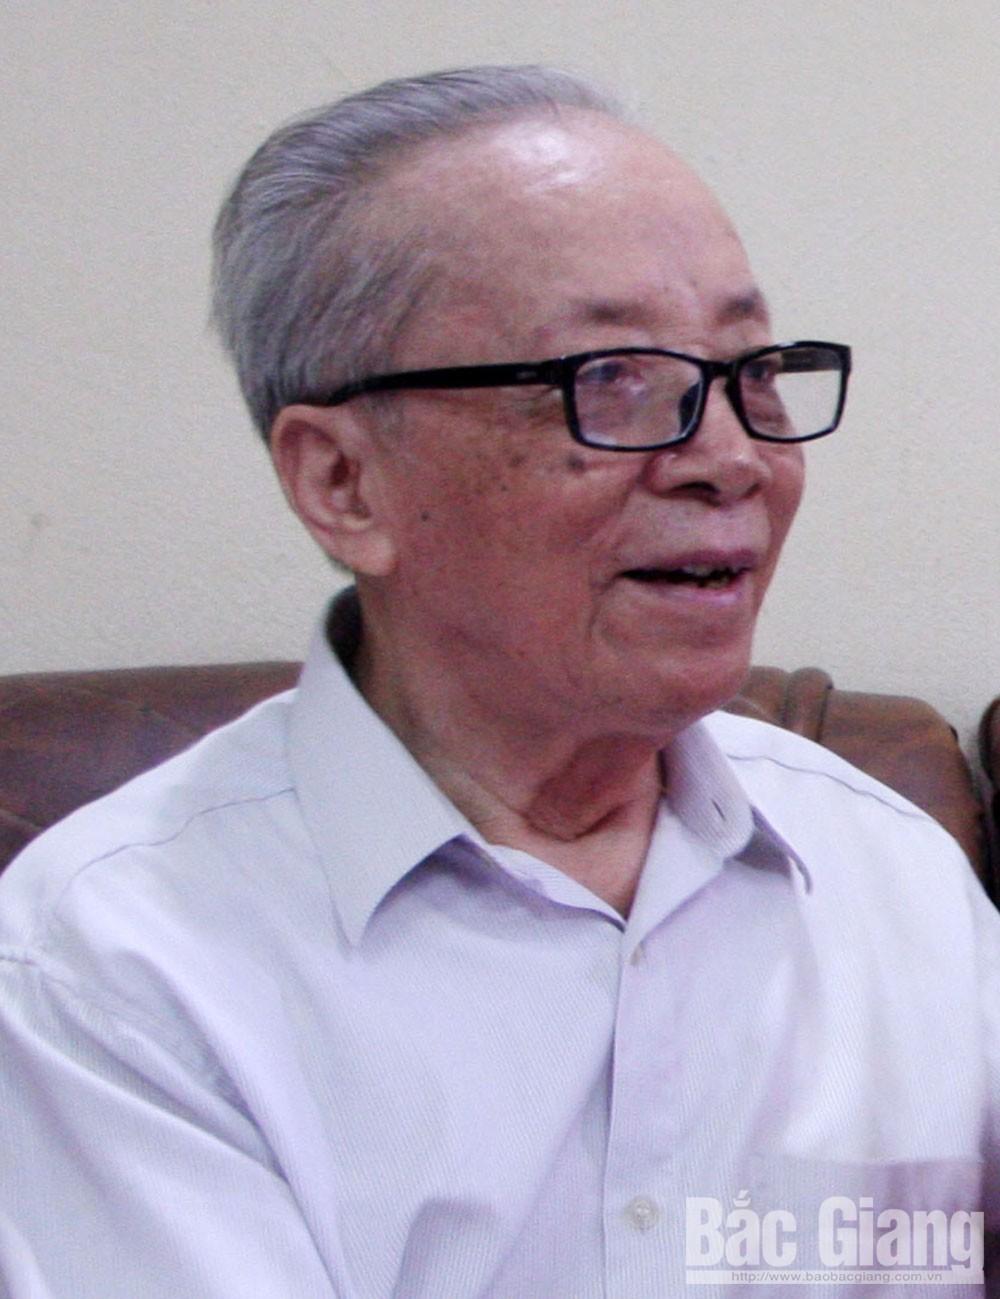 Tổ dân phố 2B, phường Trần Nguyễn Hãn, TP Bắc Giang, Hoàng Thế Ngọc, tuổi cao gương sáng